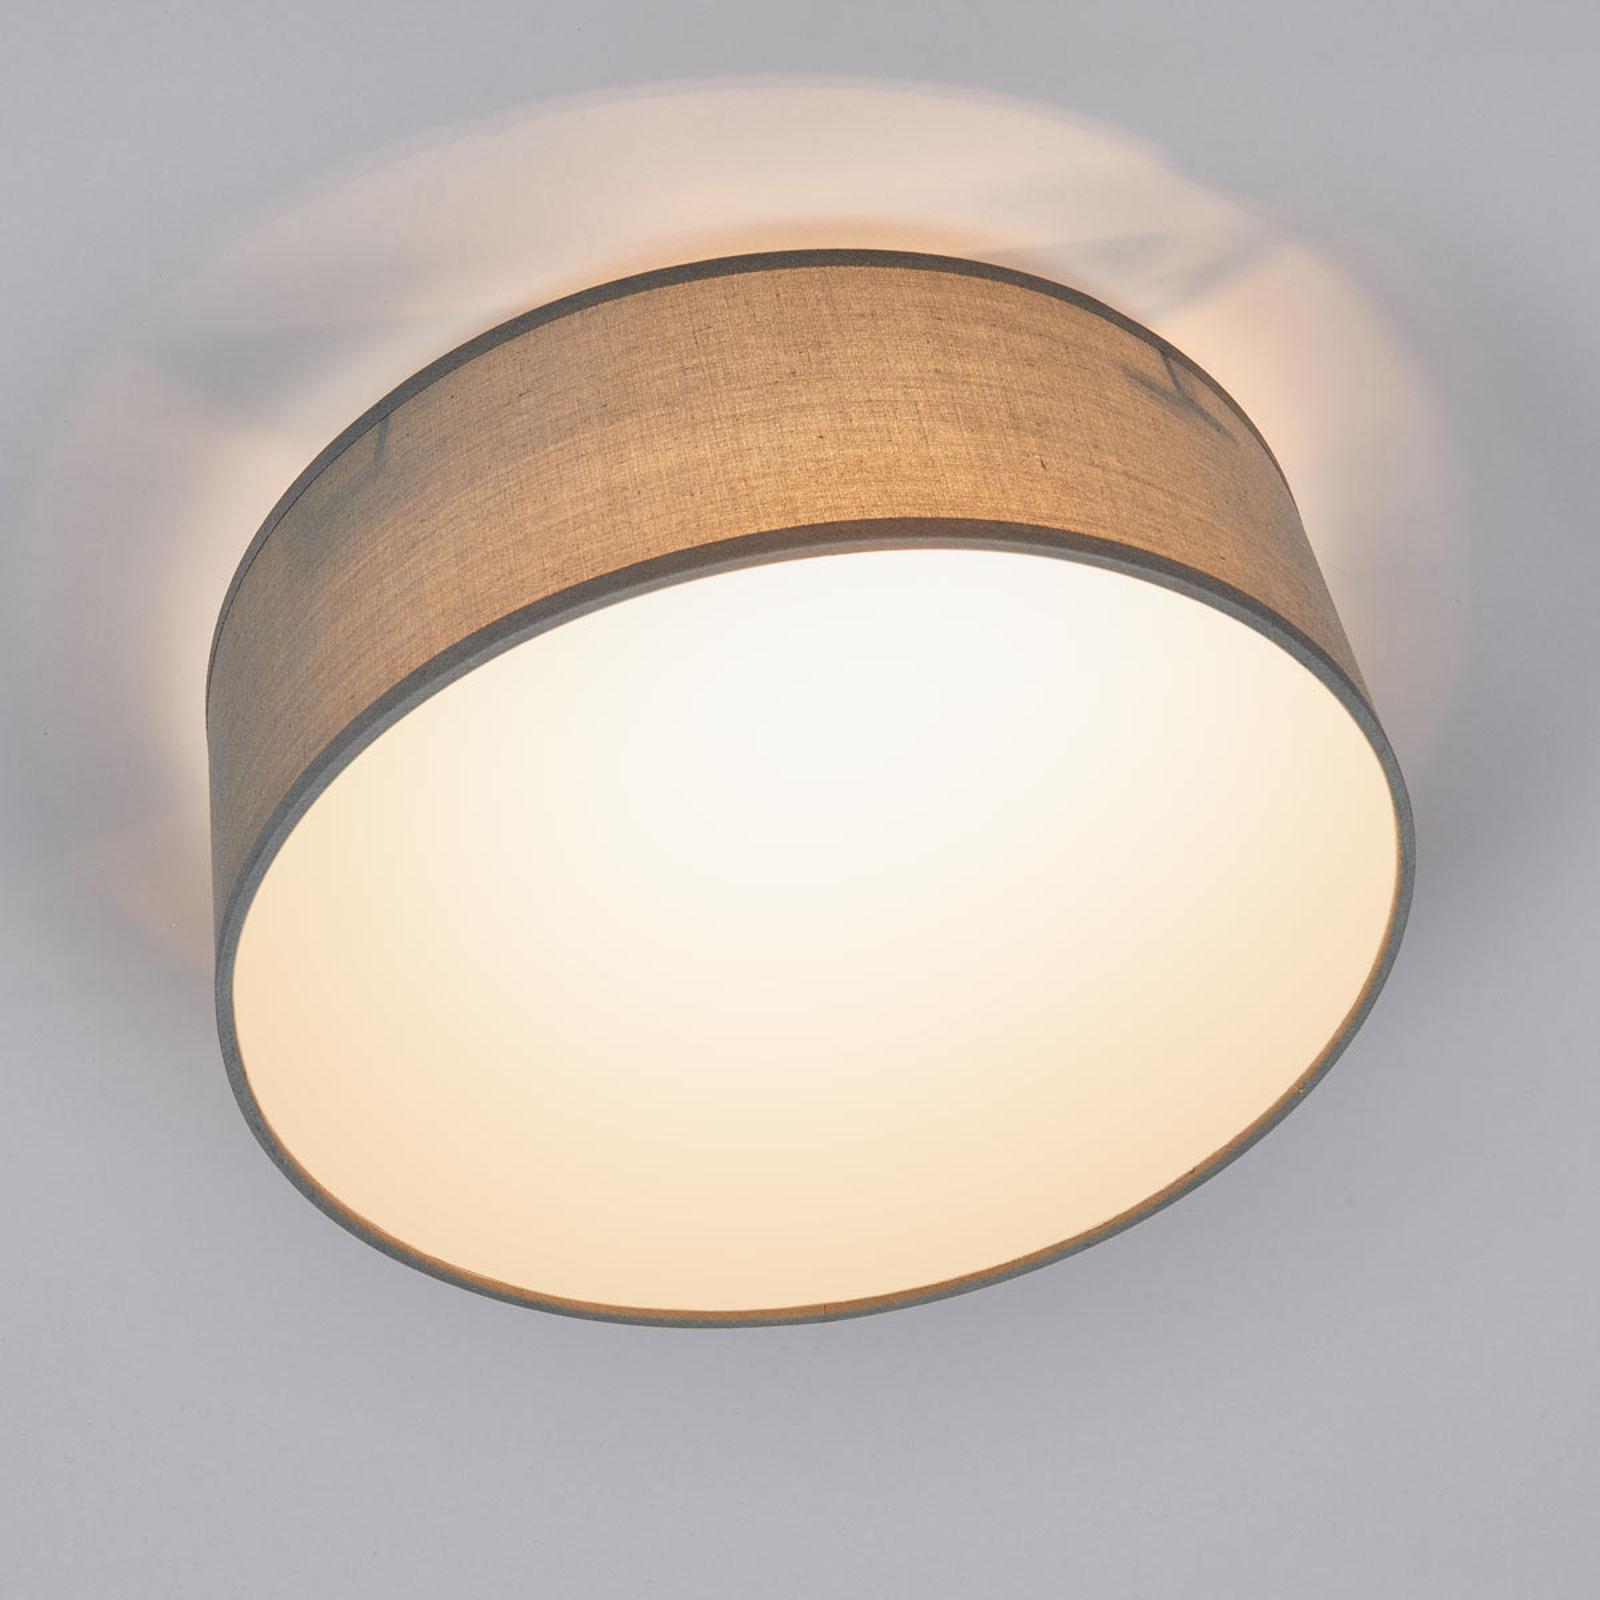 Grå taklampe Ceiling Dream i tekstil, 30 cm